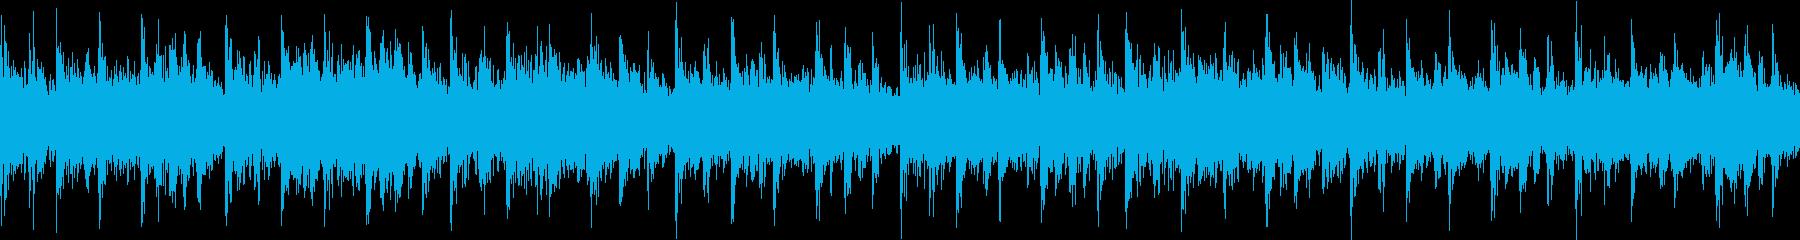 激しいテクノループです。の再生済みの波形